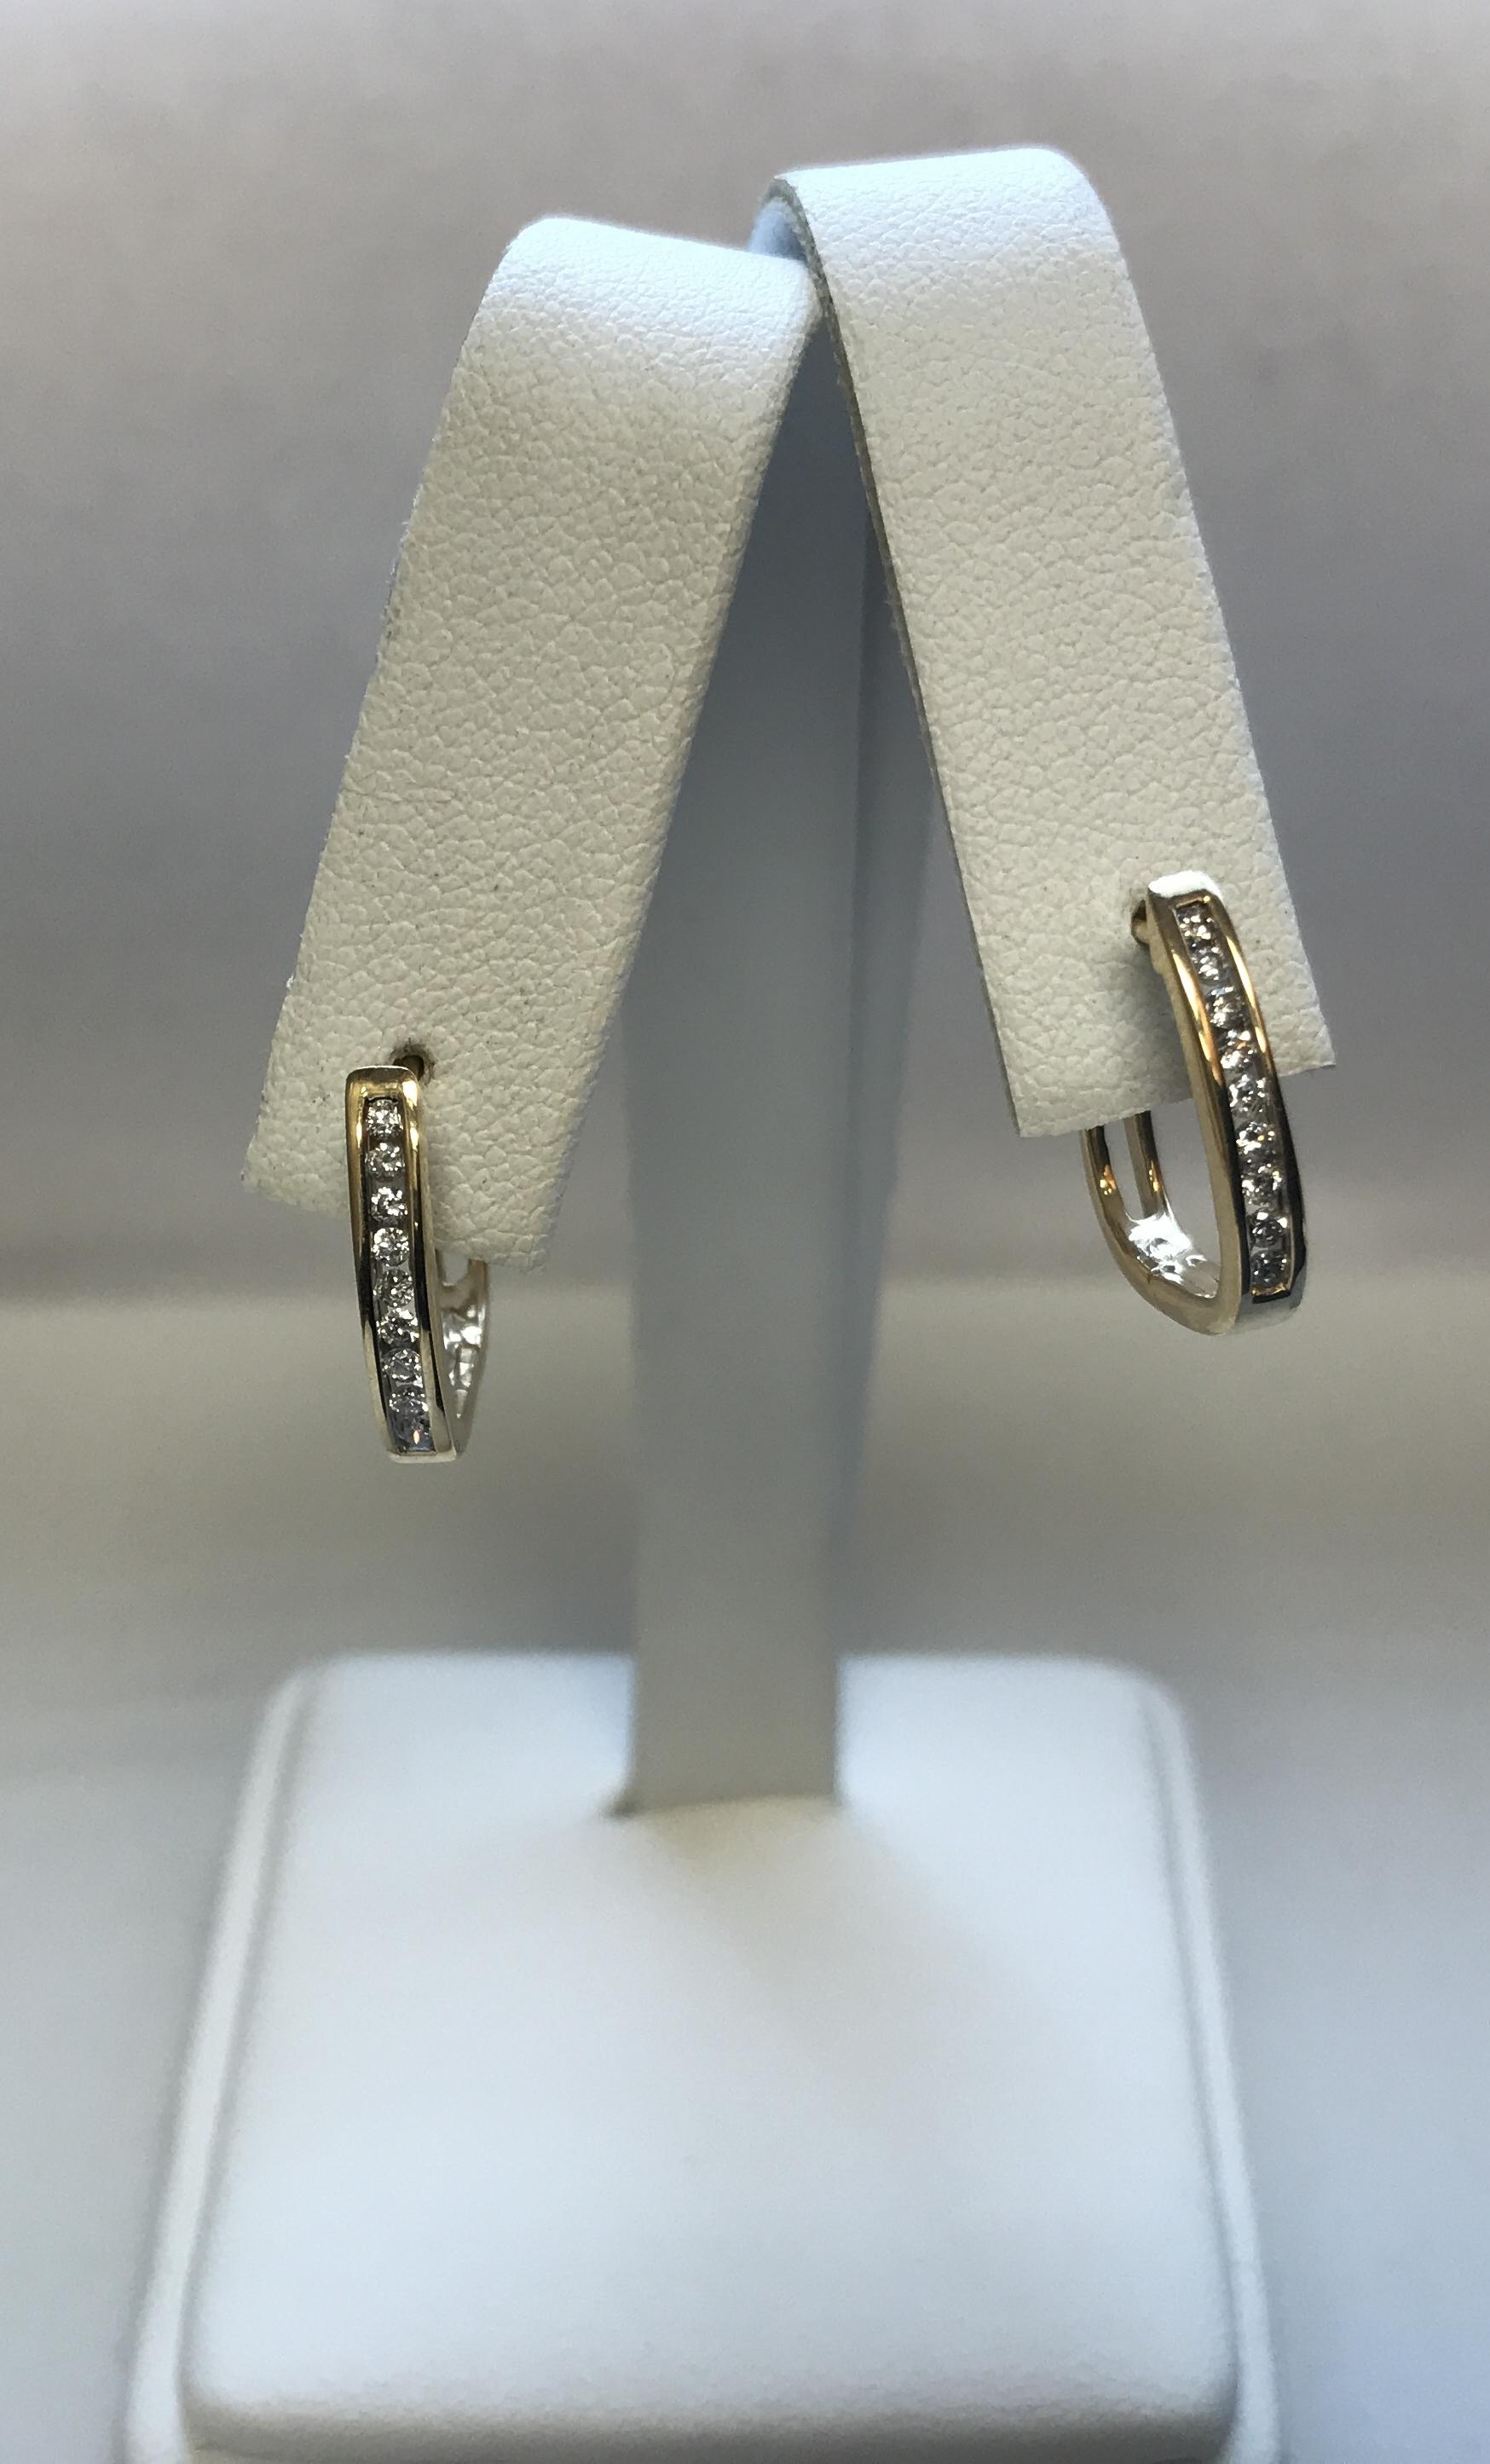 Diamond Hoop Earrings - 14k Gold Channel Set Round Cut Pierced